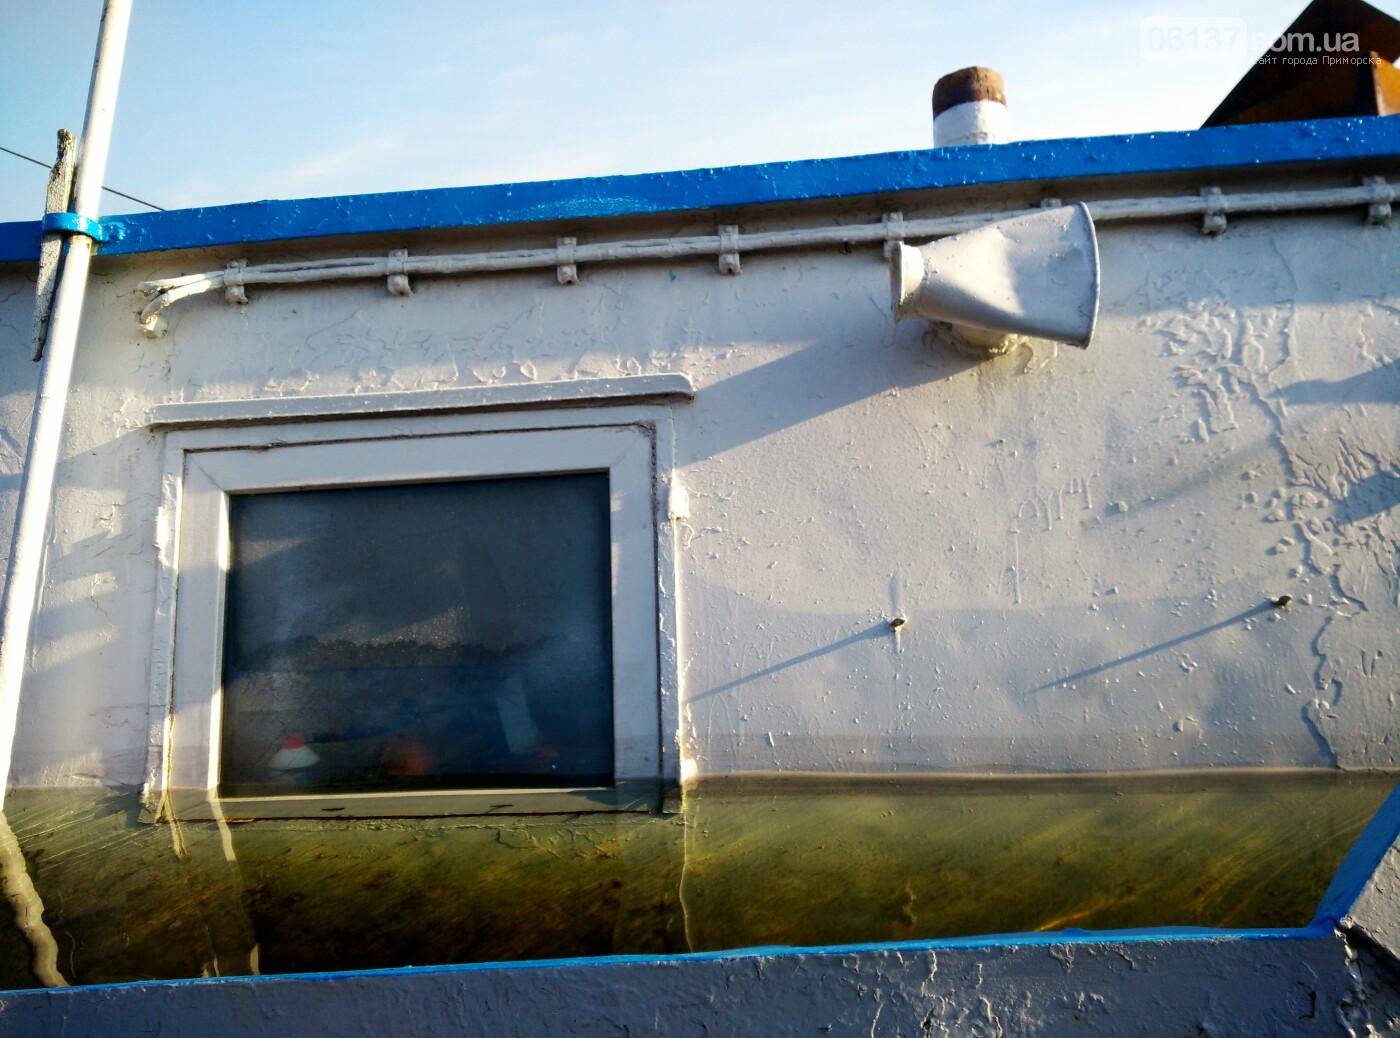 Как выглядит сегодня затопленная под Запорожьем баржа. Фоторепортаж , фото-23